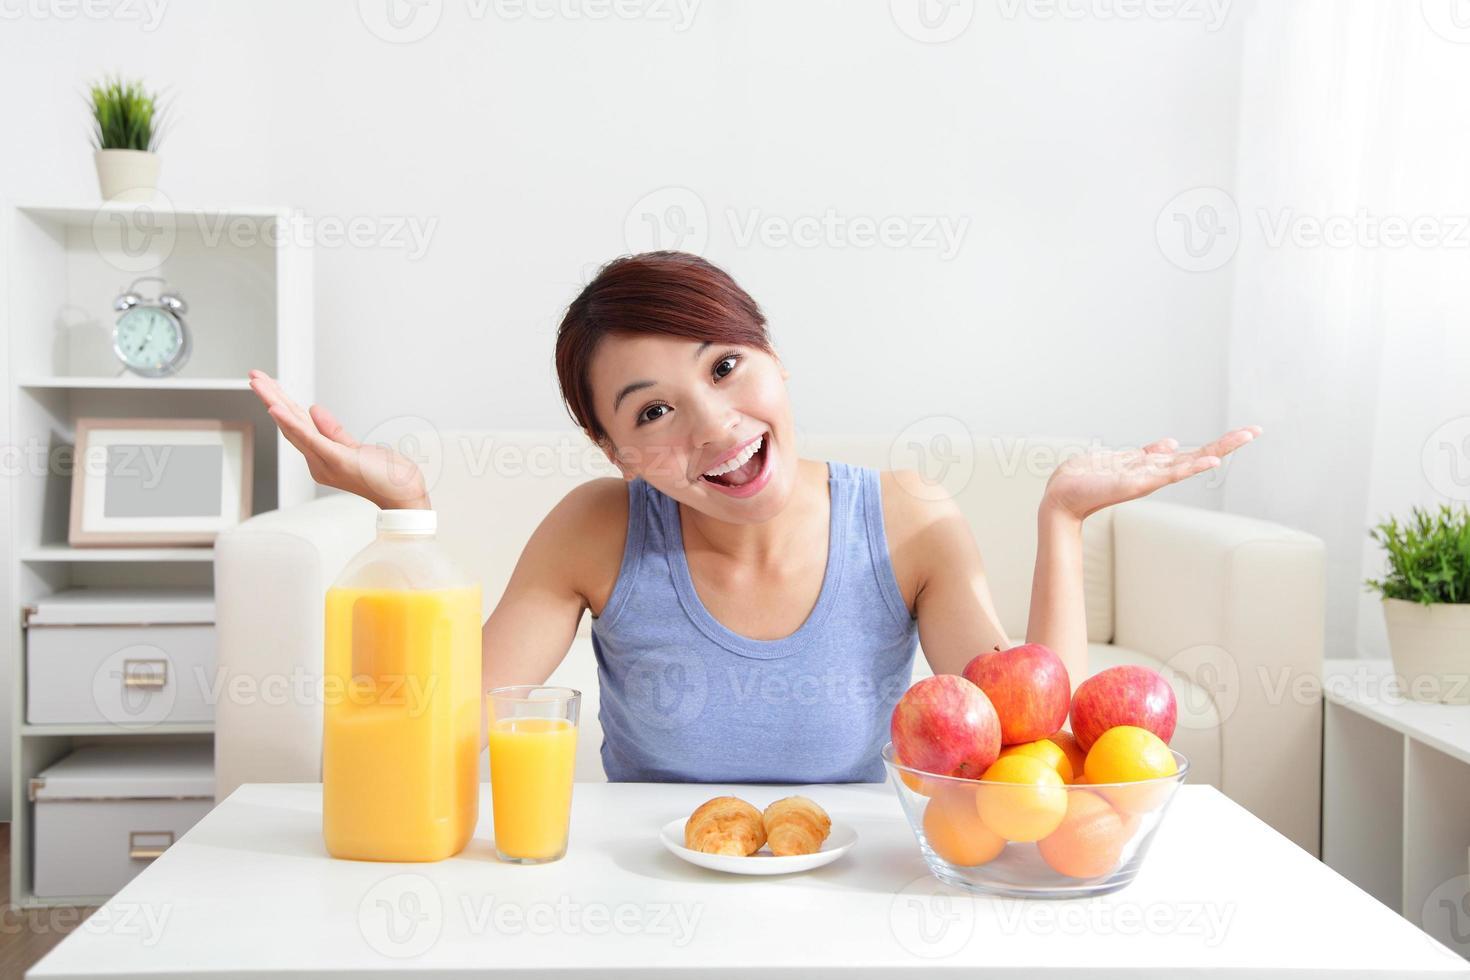 alegre mulher bebendo suco de laranja foto